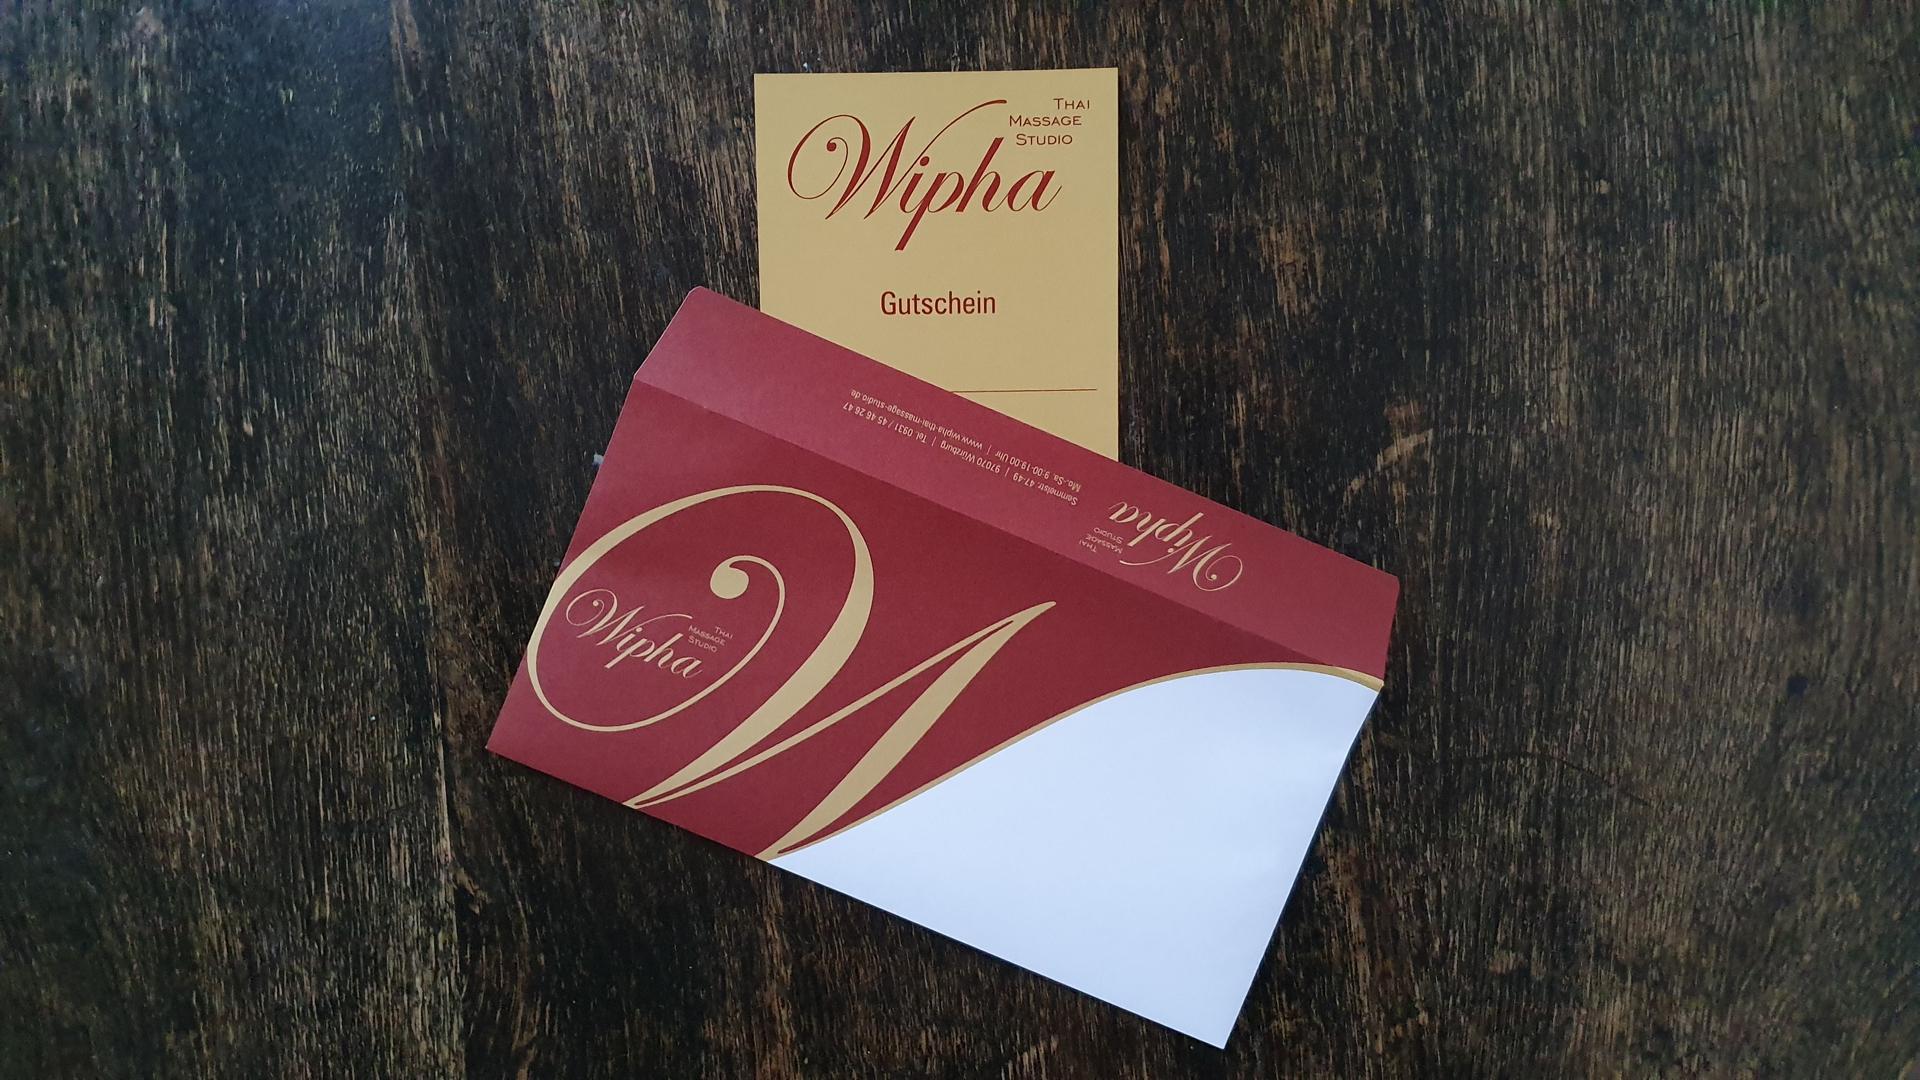 Abbildung Wipha Thai Massage Studio Gutschein und Kuvert